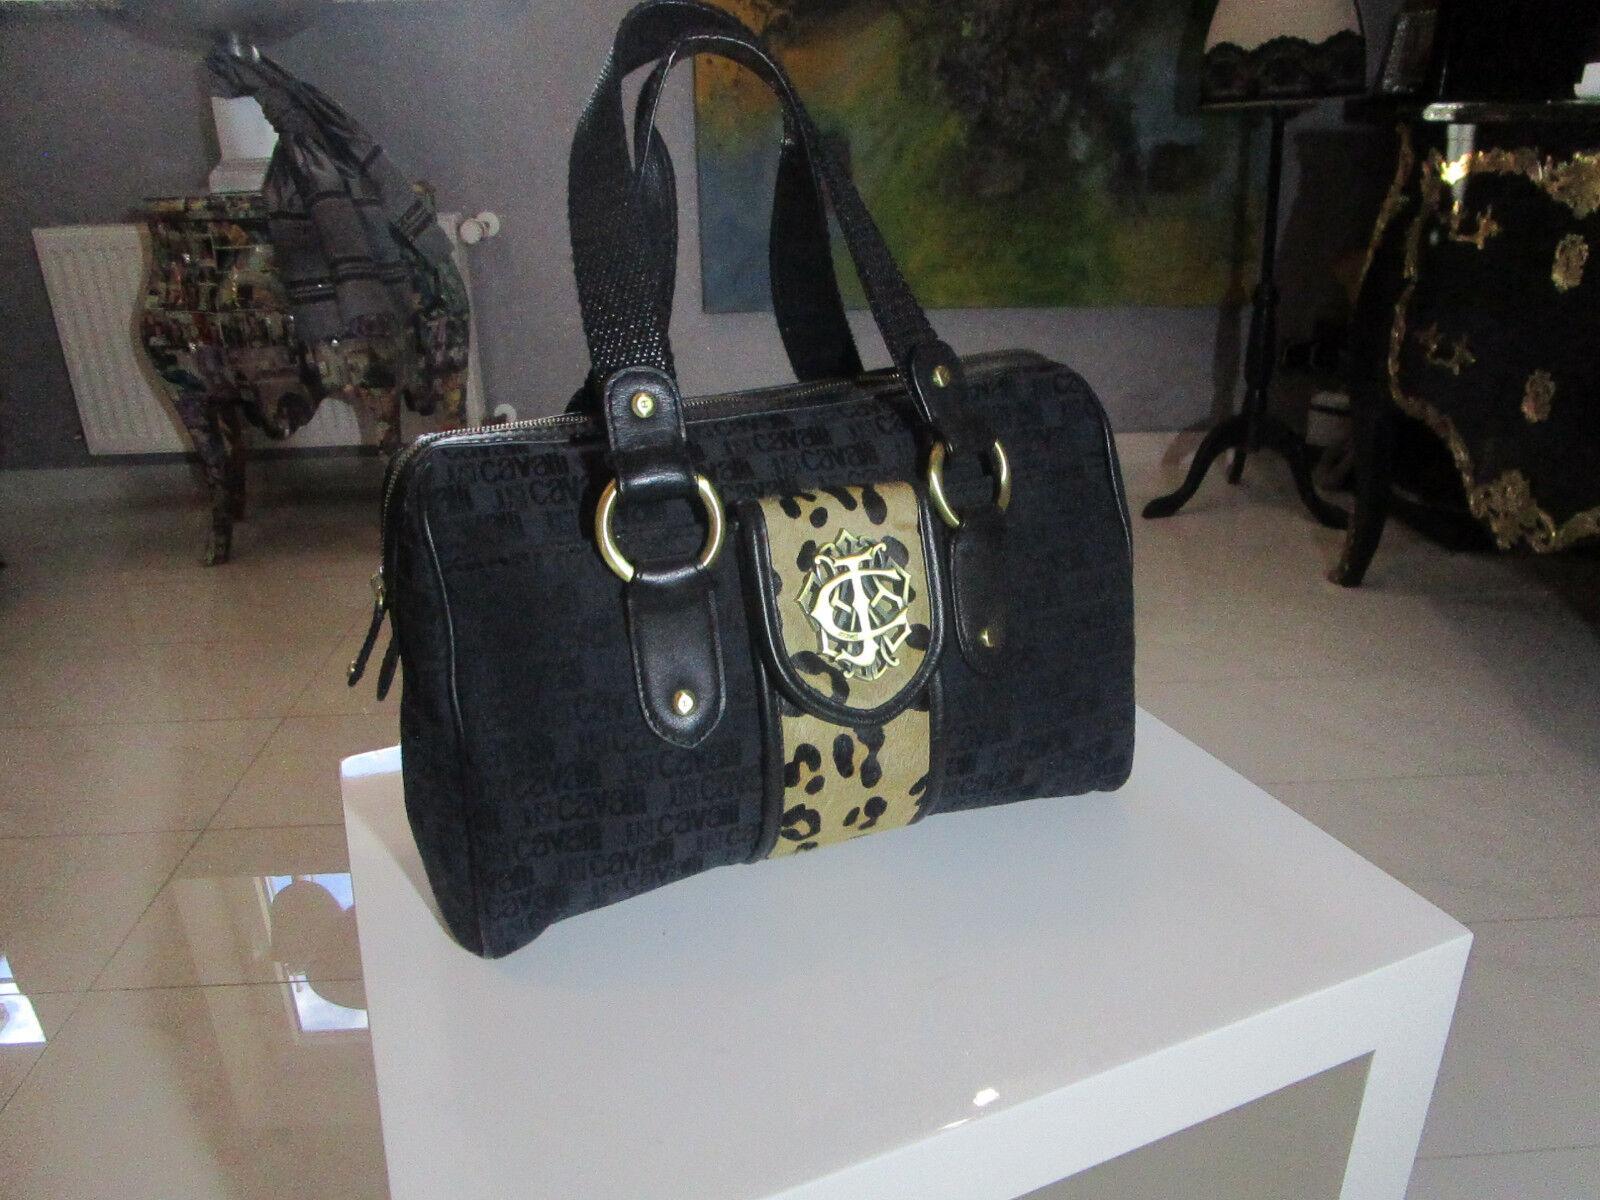 Damen Handtasche von   Just Cavalli   ,braun , schwarz | Spielzeugwelt, fröhlicher Ozean